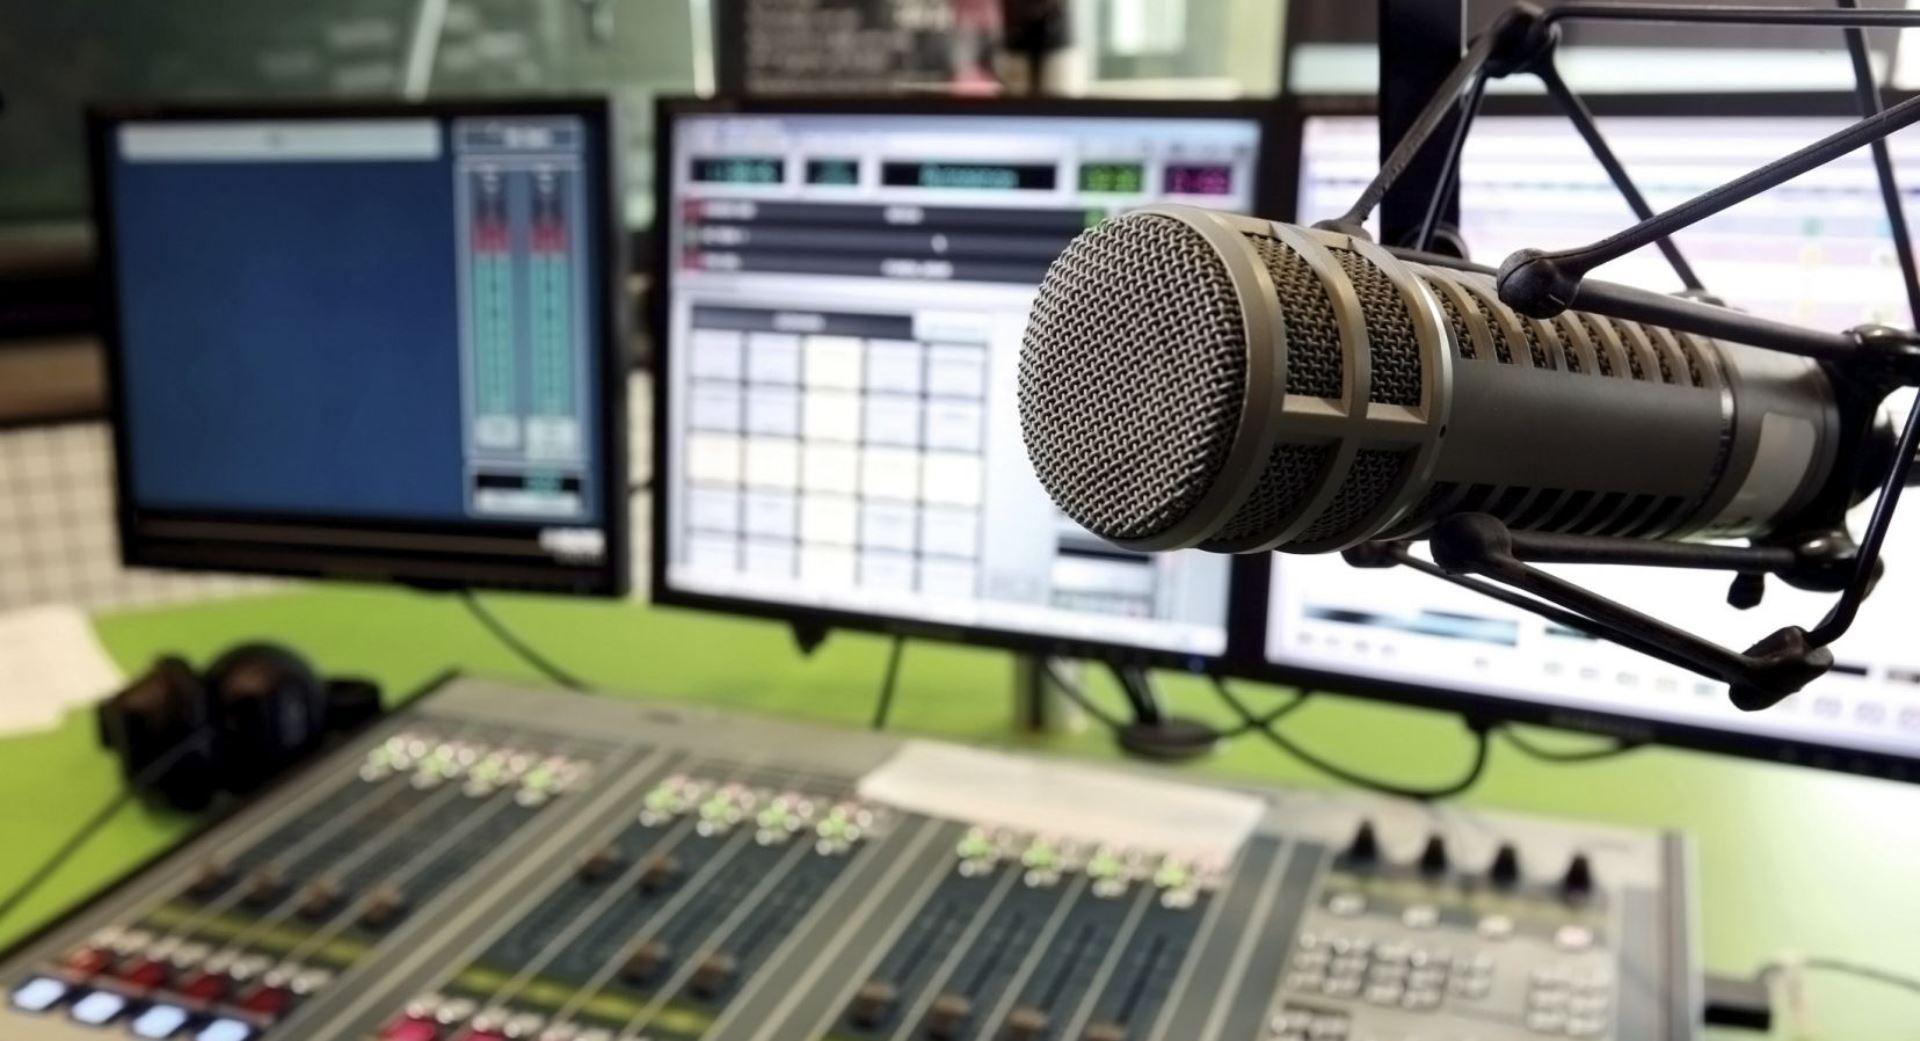 Tanzanie : Le gouvernement impose aux médias de recruter de vrais journalistes pour remplacer les comédiens